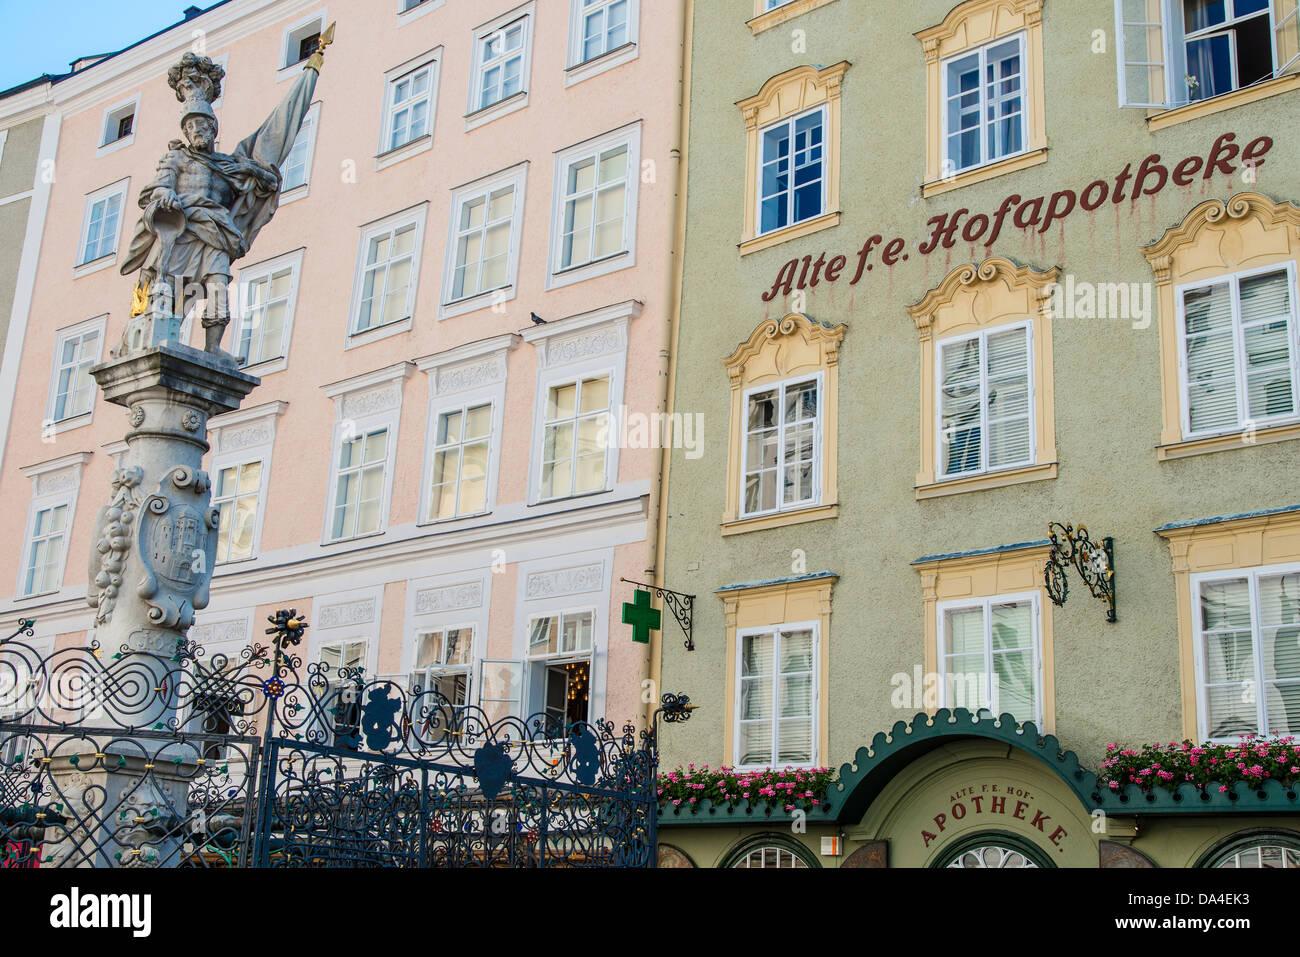 Alter Markt square, Salzburg, Austria - Stock Image